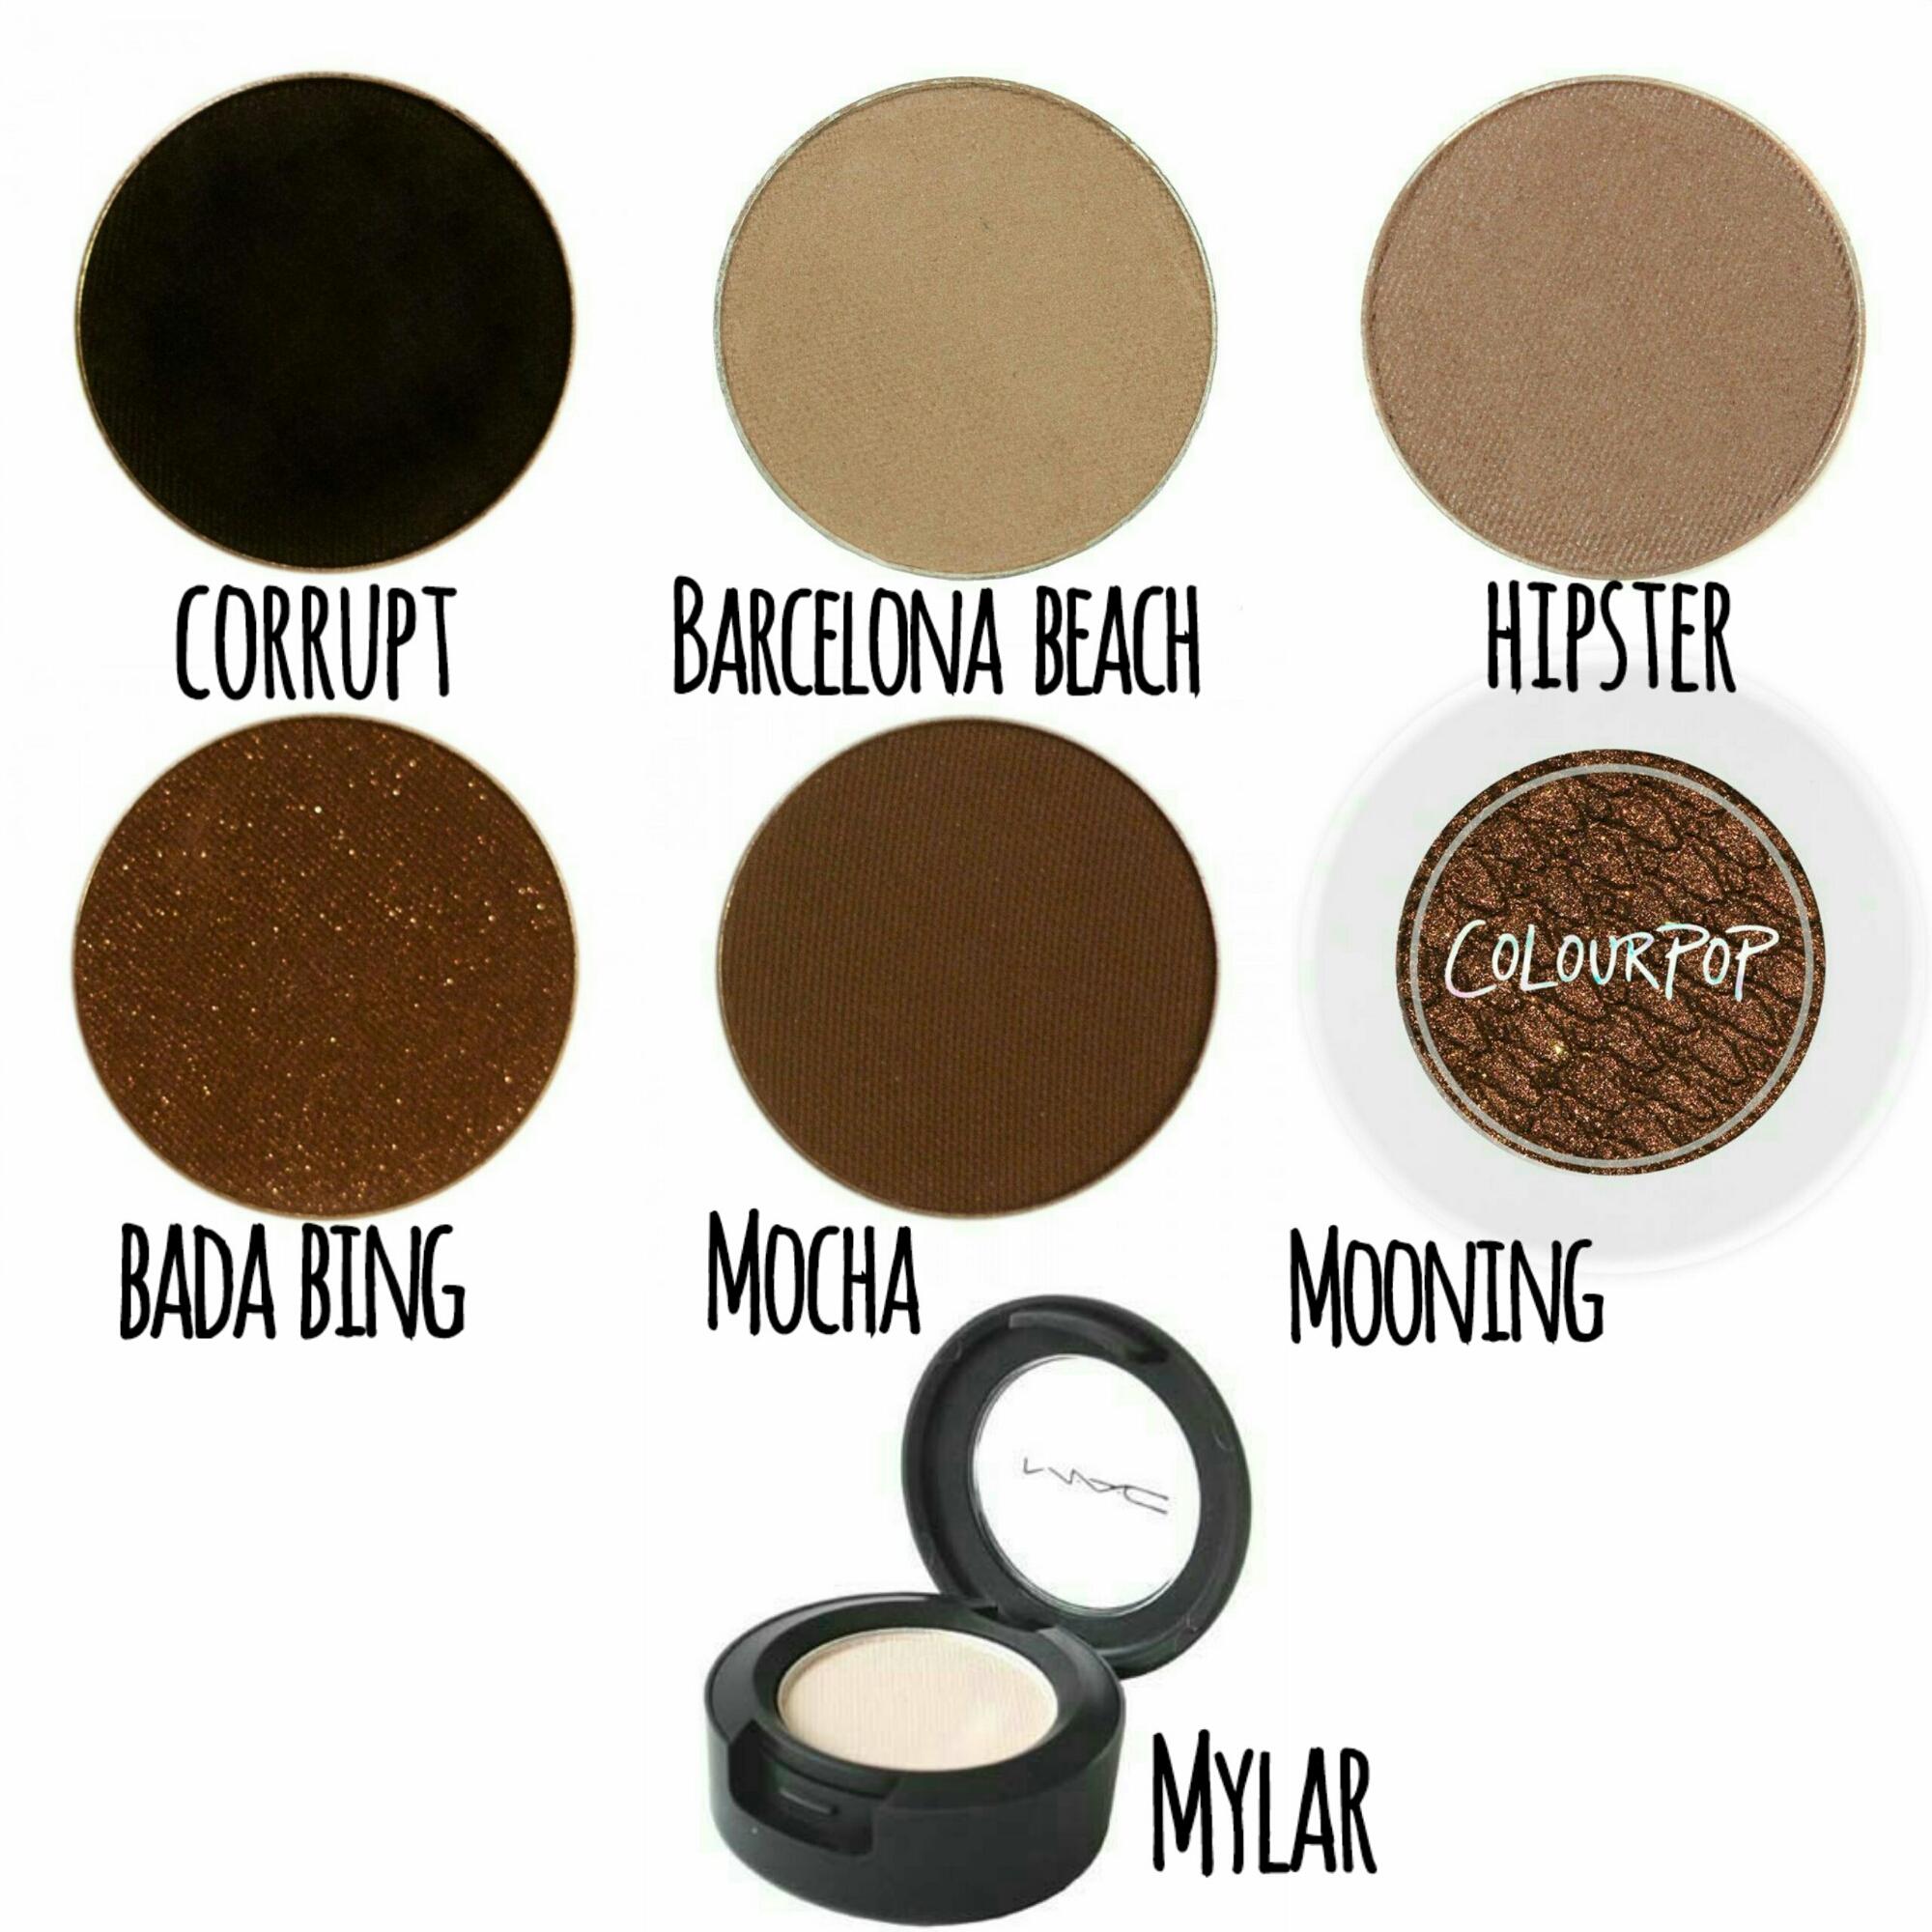 MakeupGeek Cosmetics Smokey Eye MakeupGeek Makeup Geek Mac Cosmetics Mylar ColourPop Cosmetics